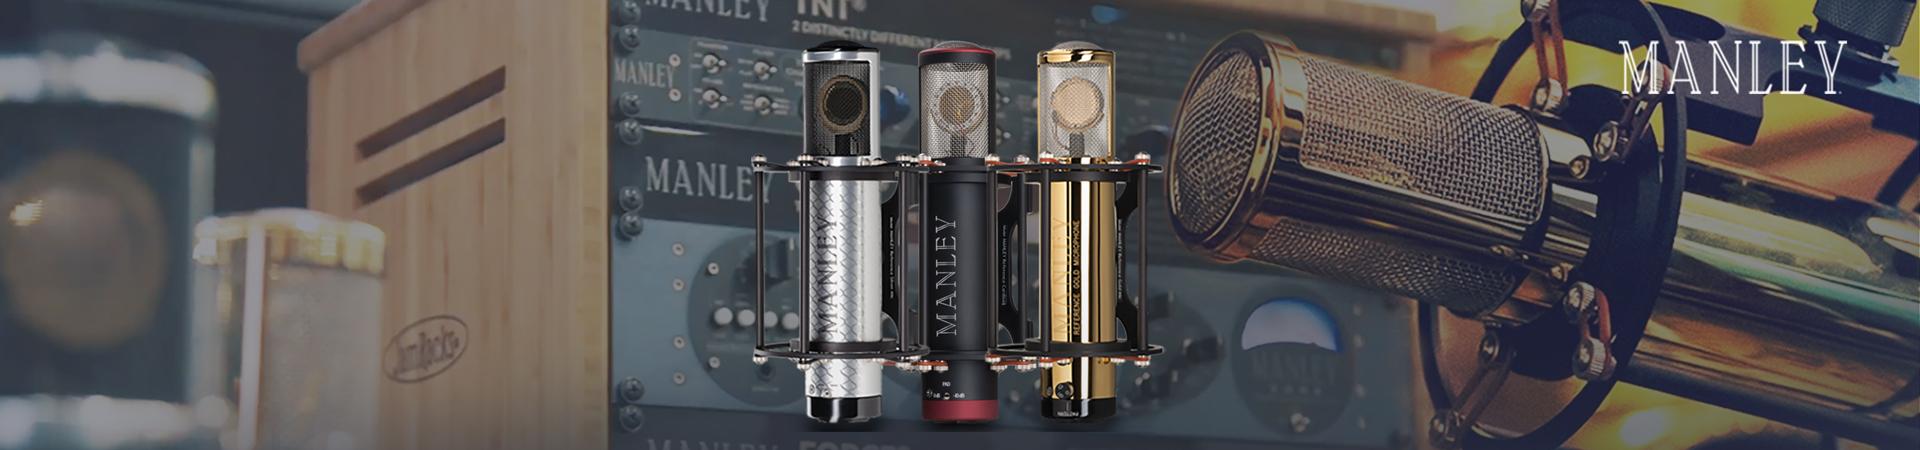 Manley – kultowy sprzęt lampowy w Audiostacji